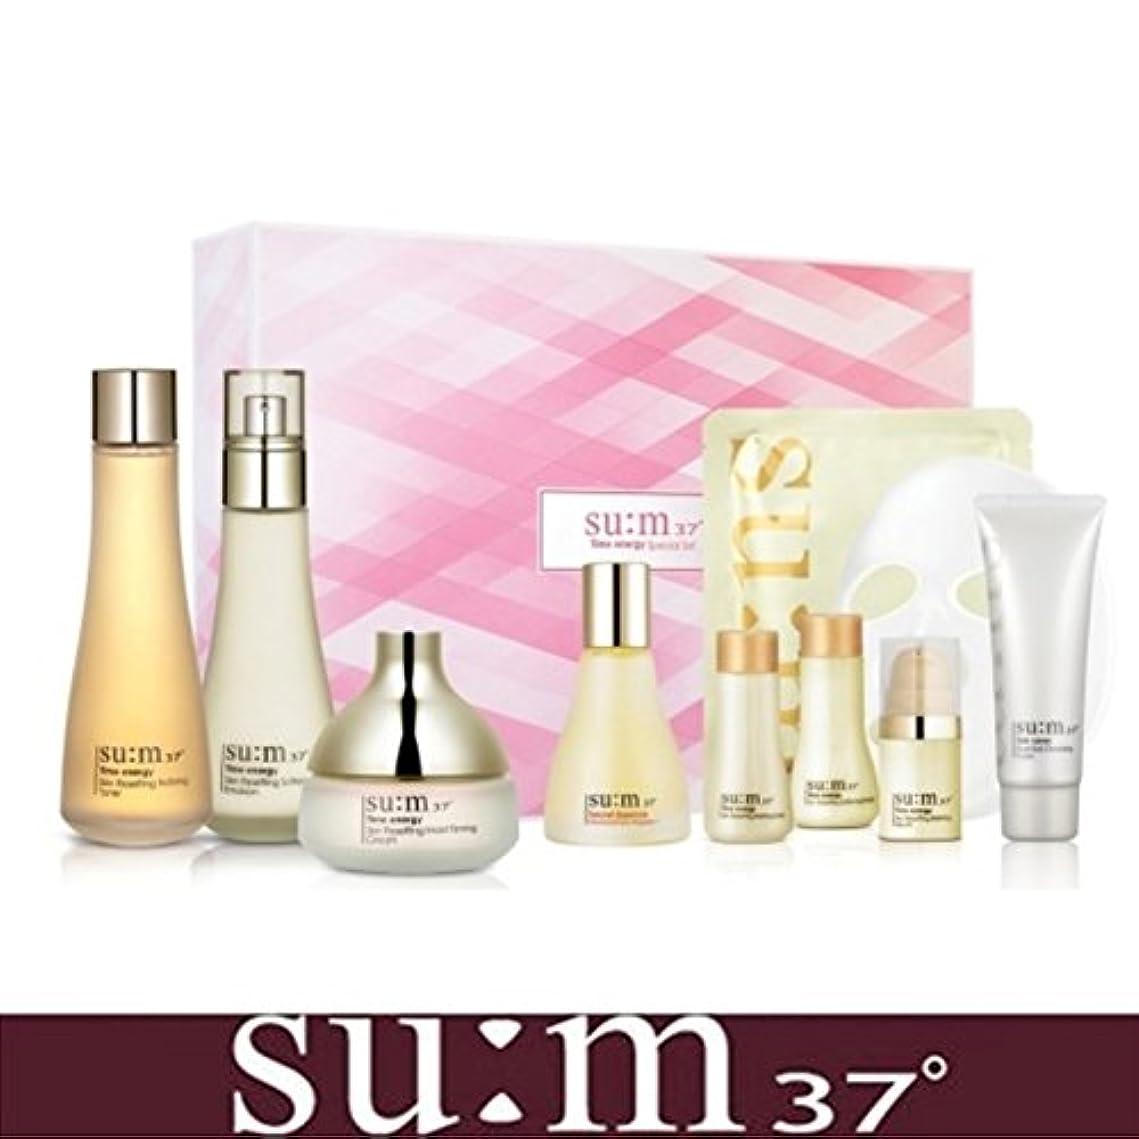 枠想起パースブラックボロウ[su:m37/スム37°] SUM37 Time Energy 3pcs Special Skincare Set / タイムエネルギーの3種のスペシャルセット+[Sample Gift](海外直送品)